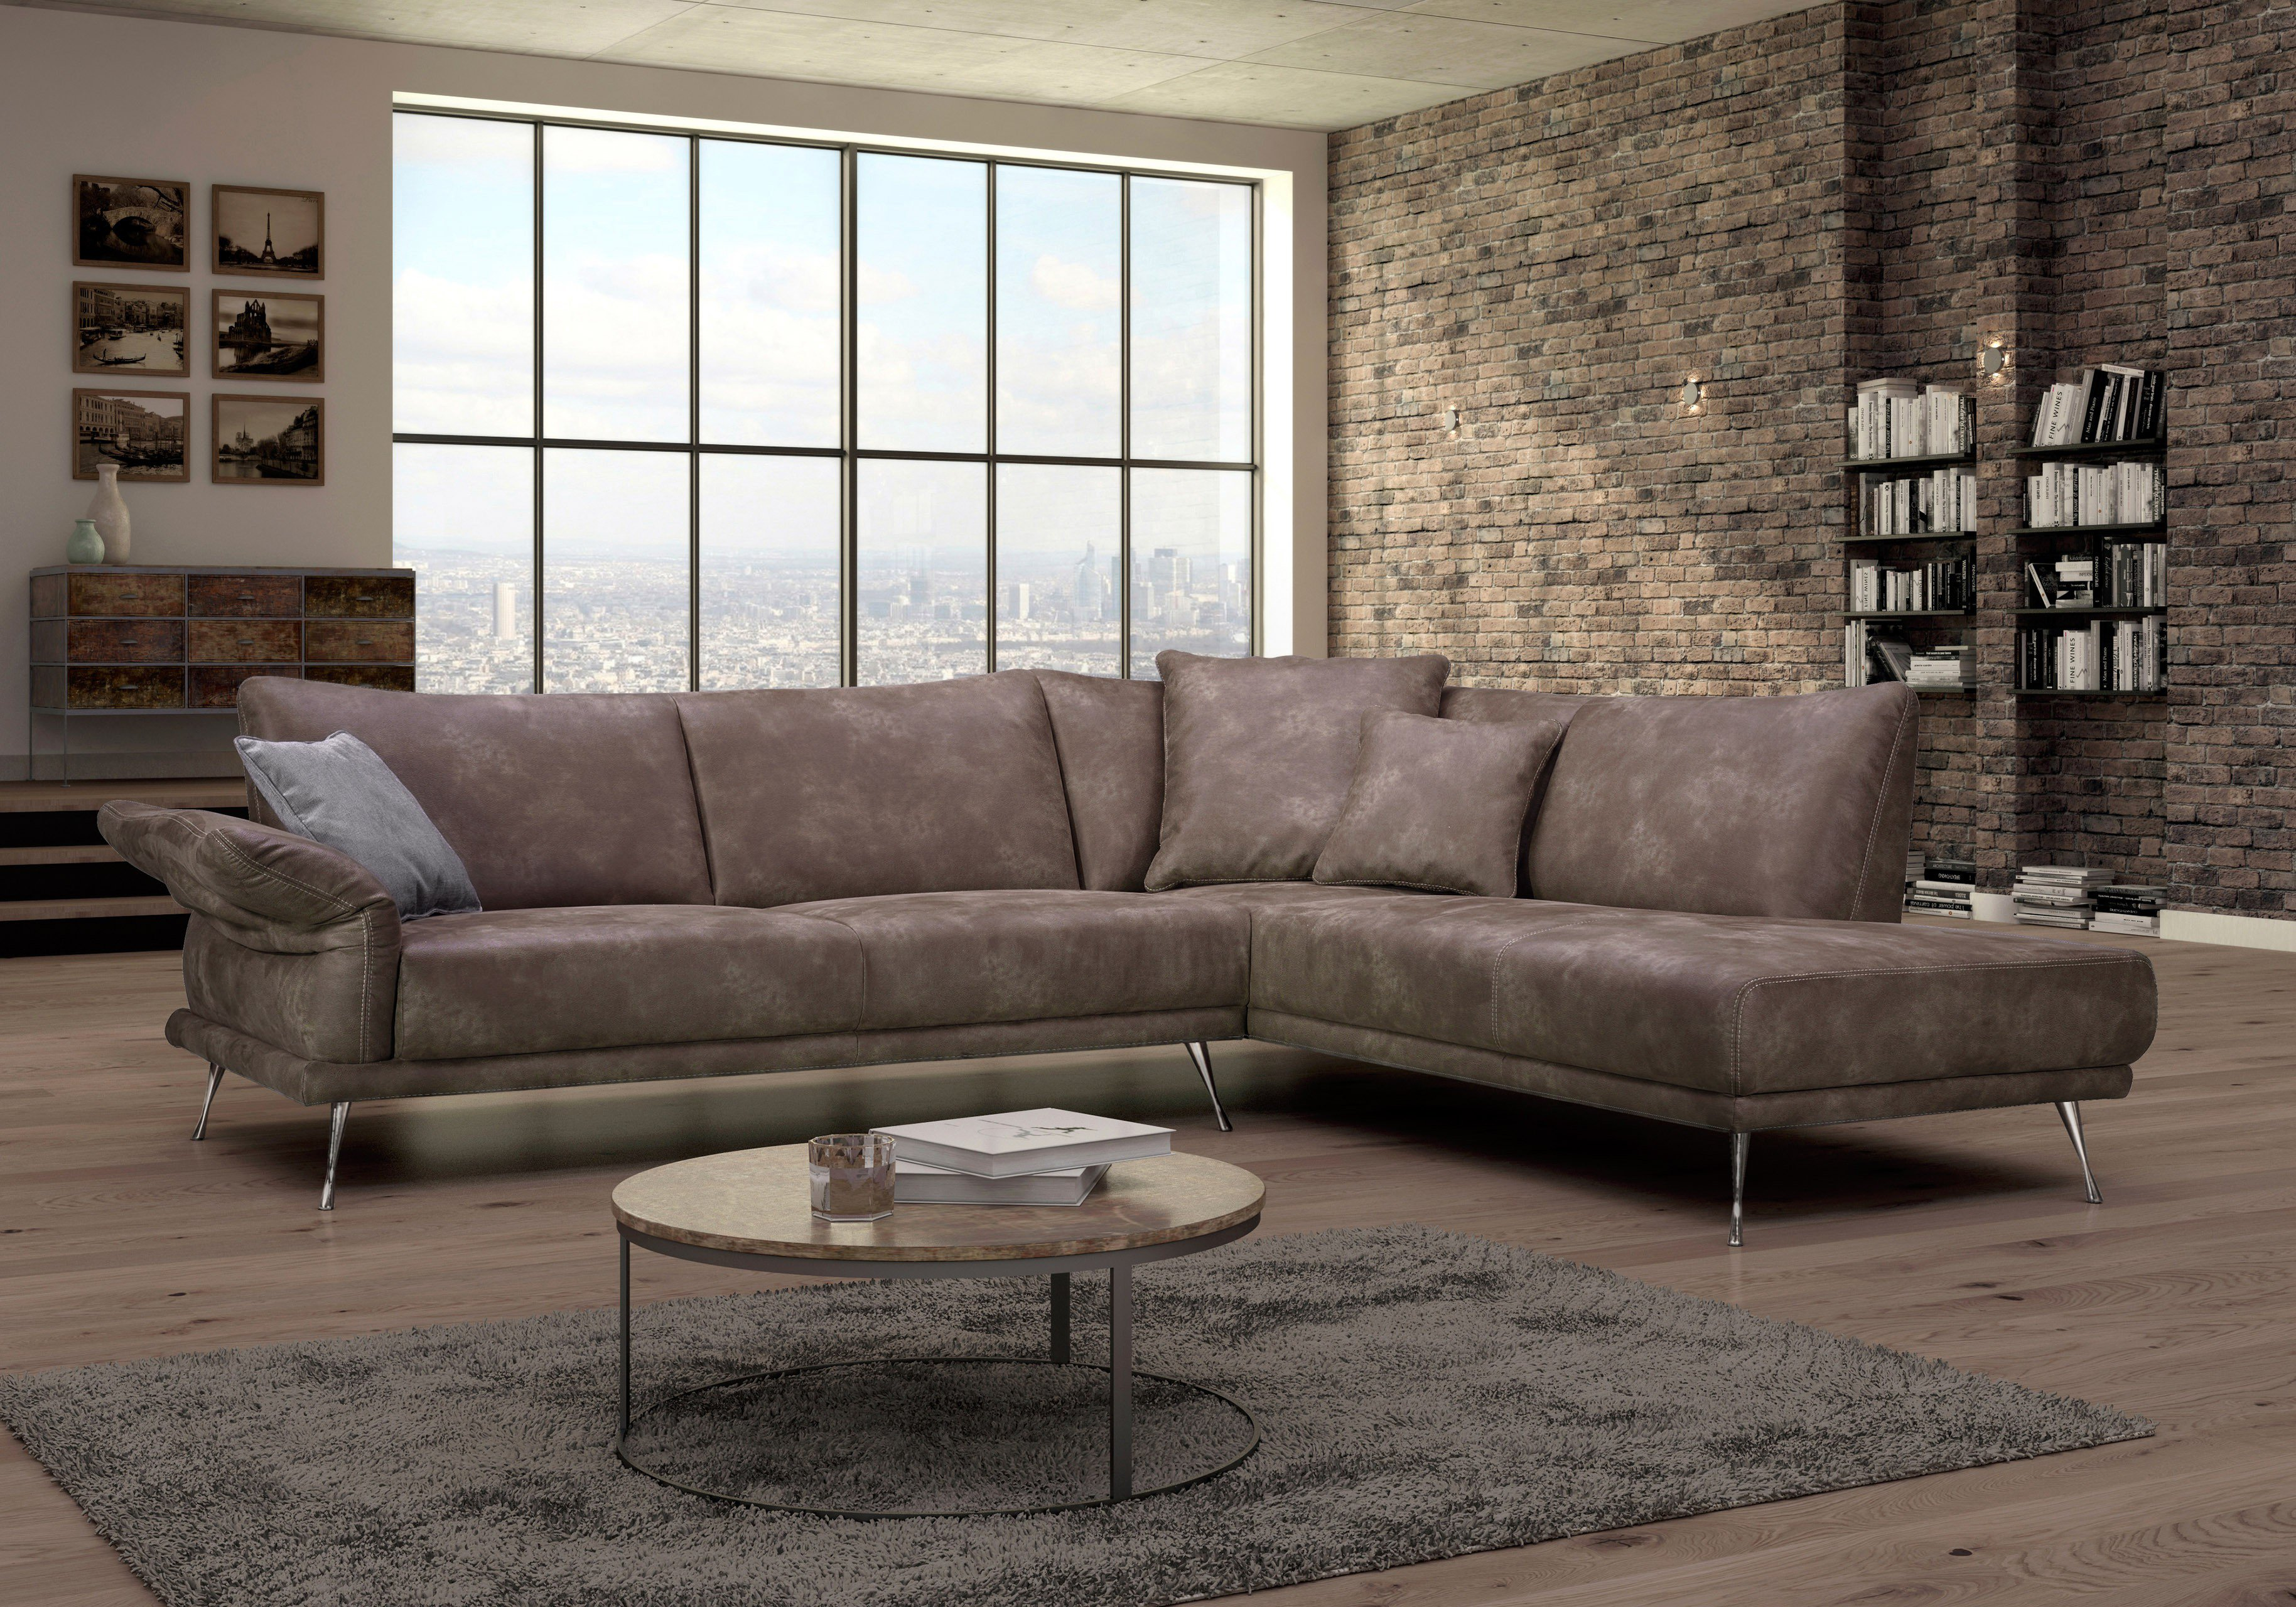 Dreisitz Design Donani Ecksofa In Braun Möbel Letz Ihr Online Shop